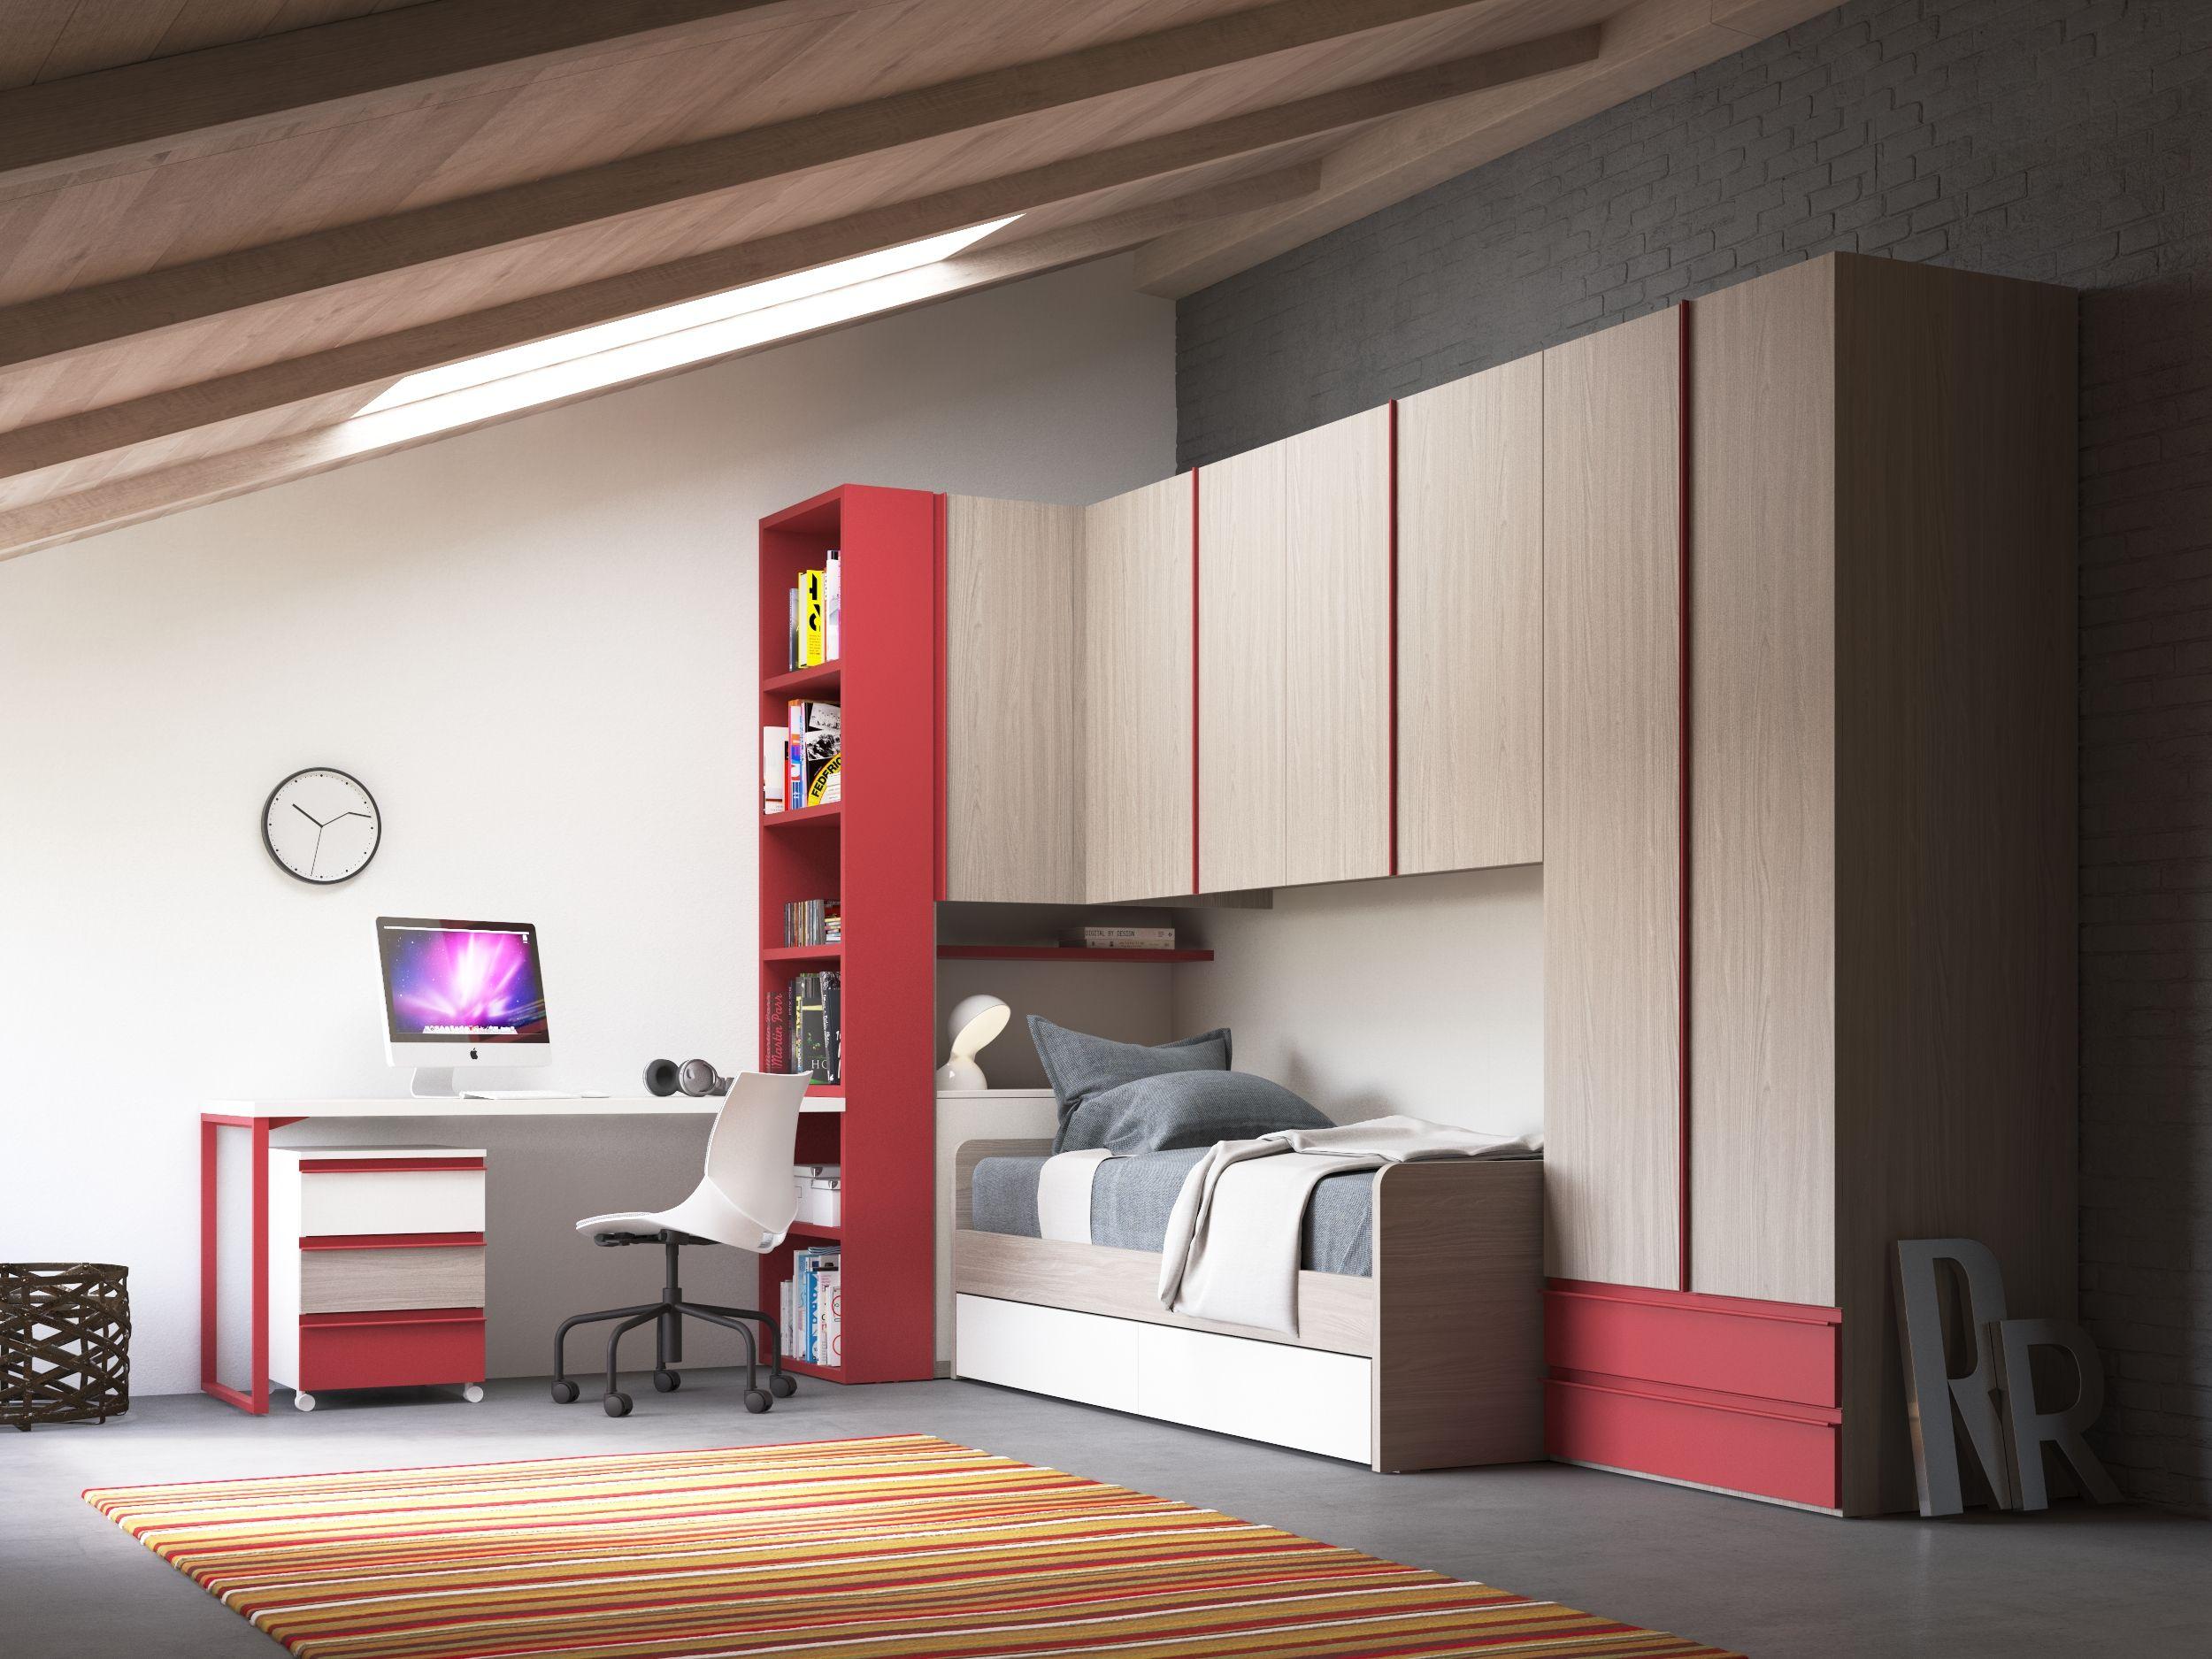 Brugkasten met bed en bureau met open boekenkast. nardi interni